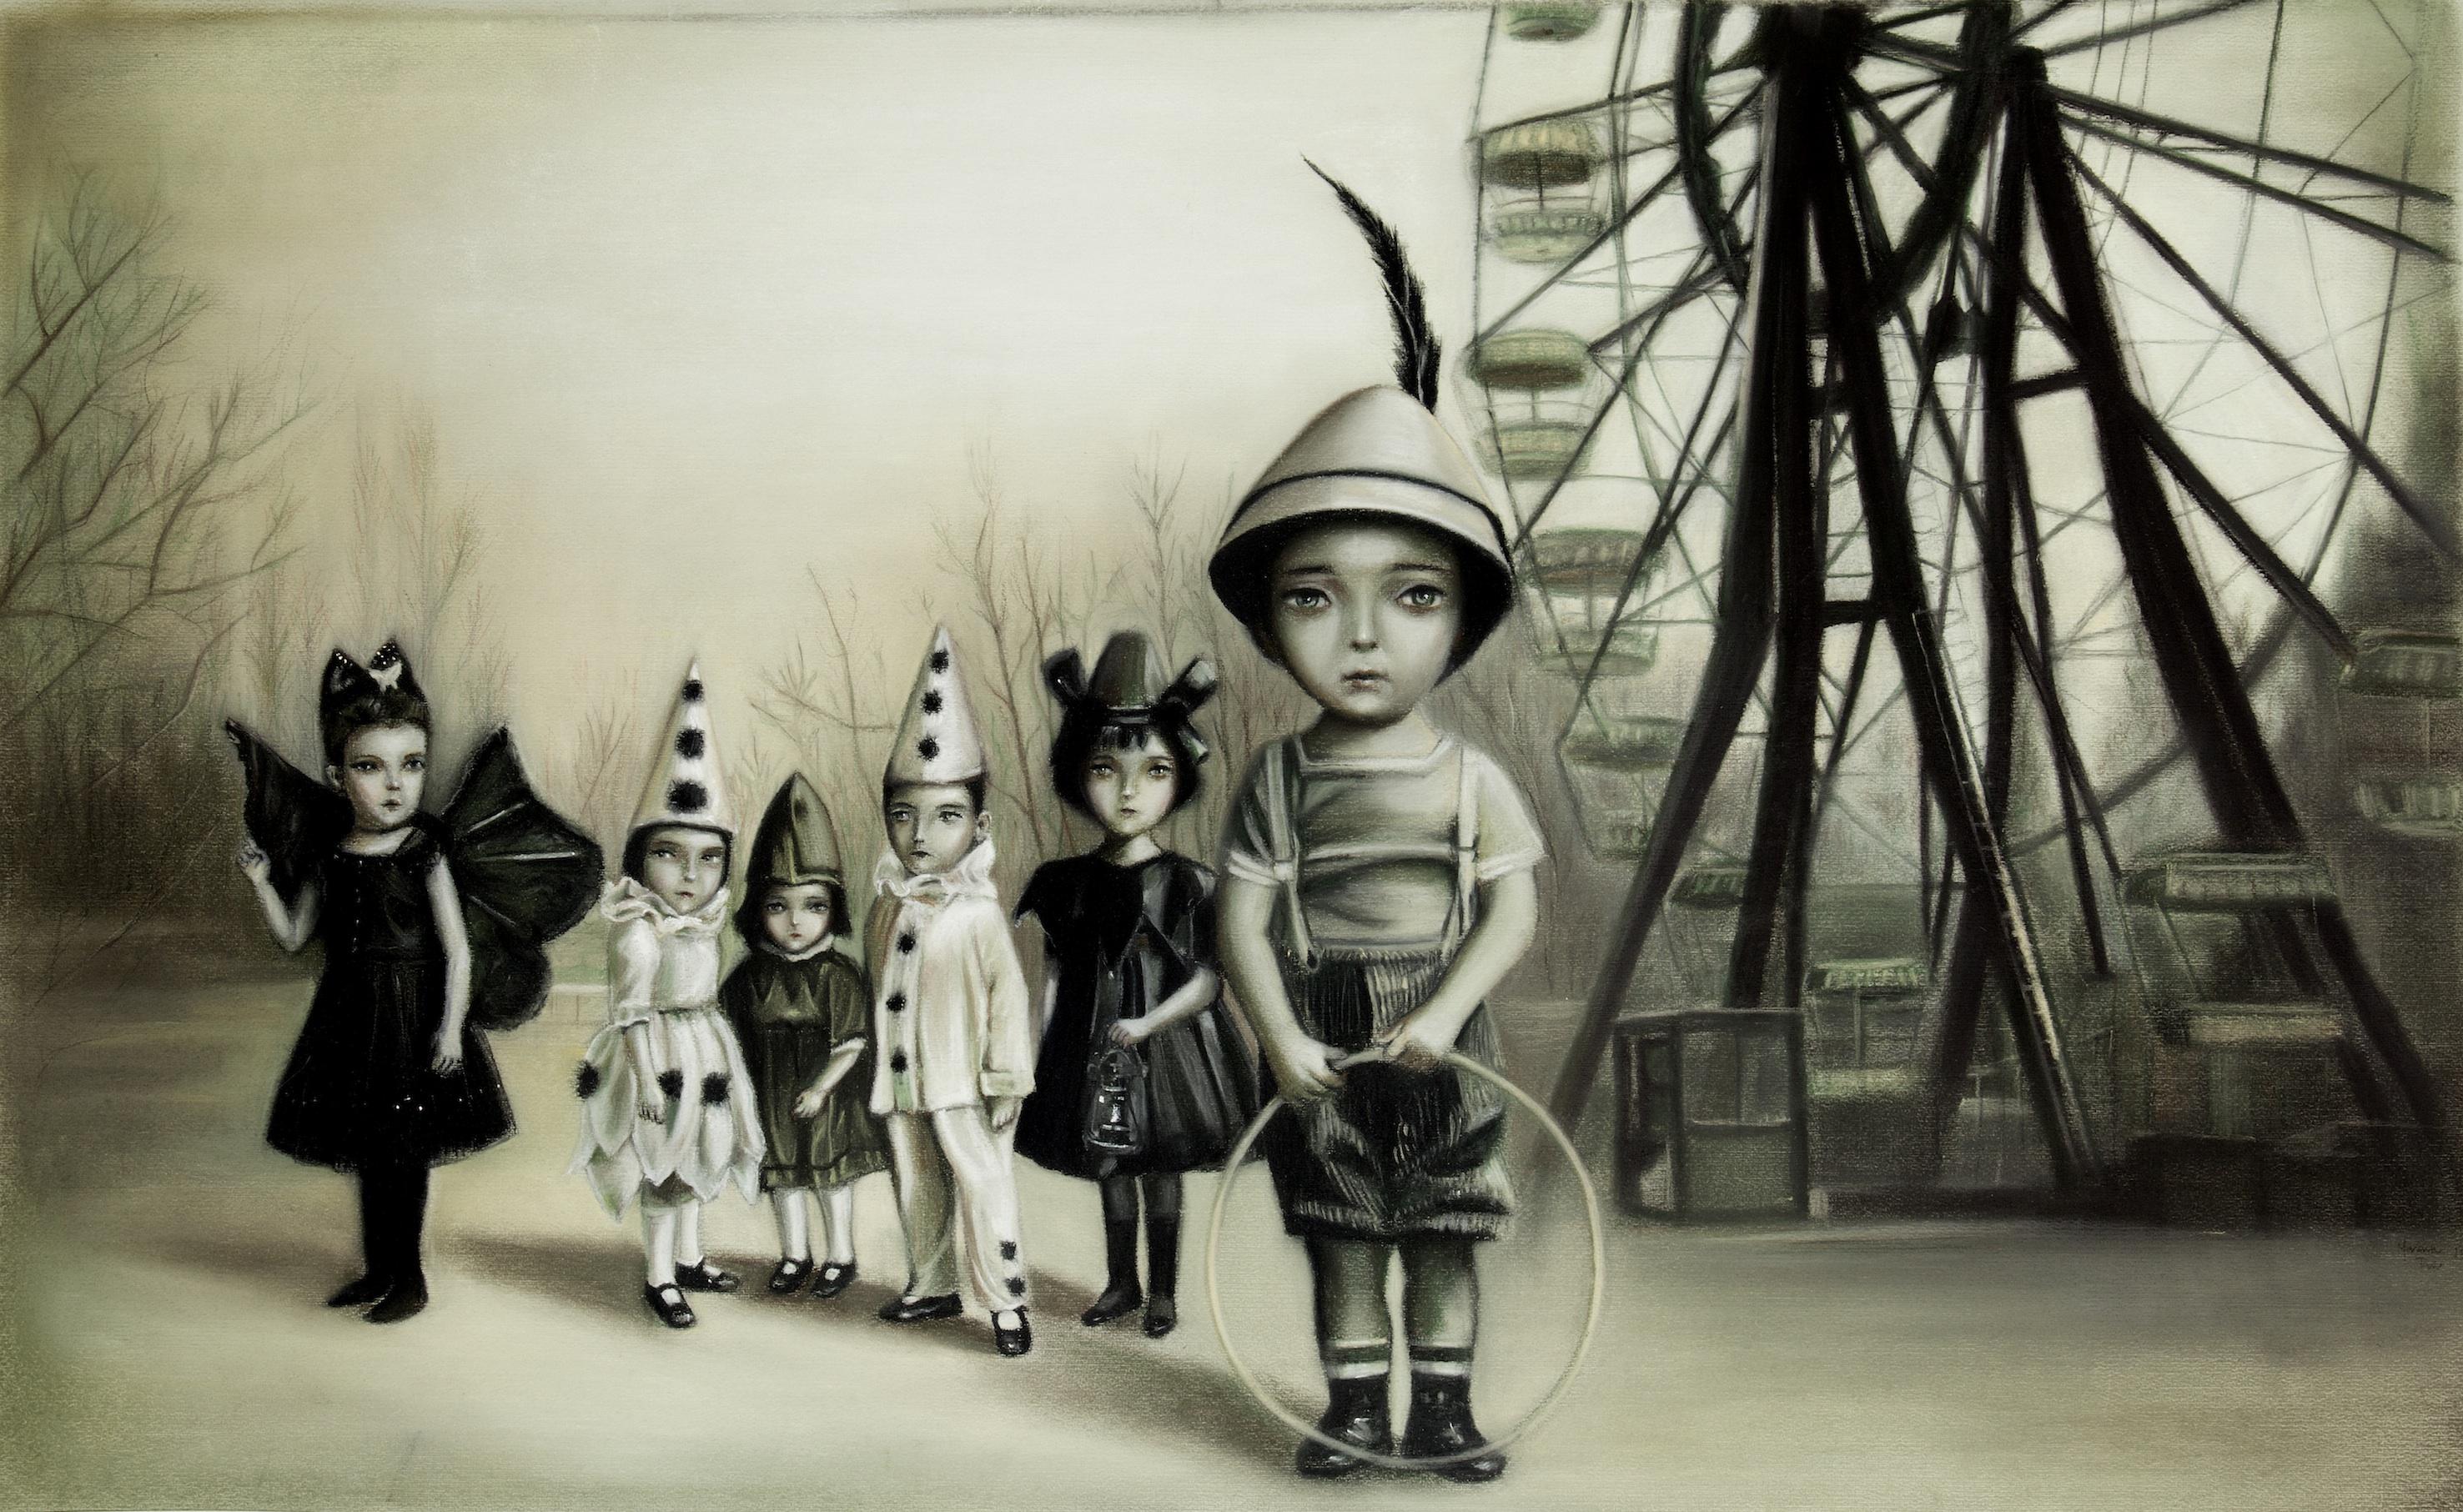 Amusement Park 2015